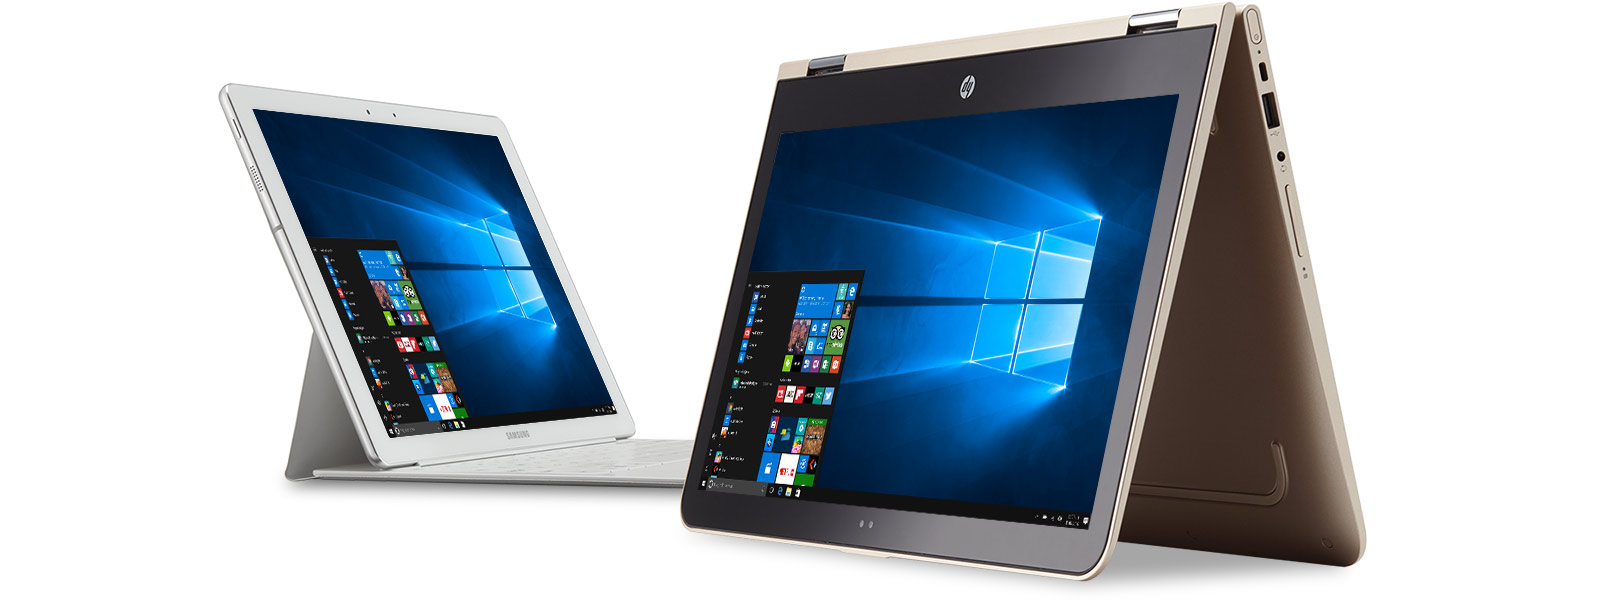 Microsoft-Geräte mit Windows-Startmenü